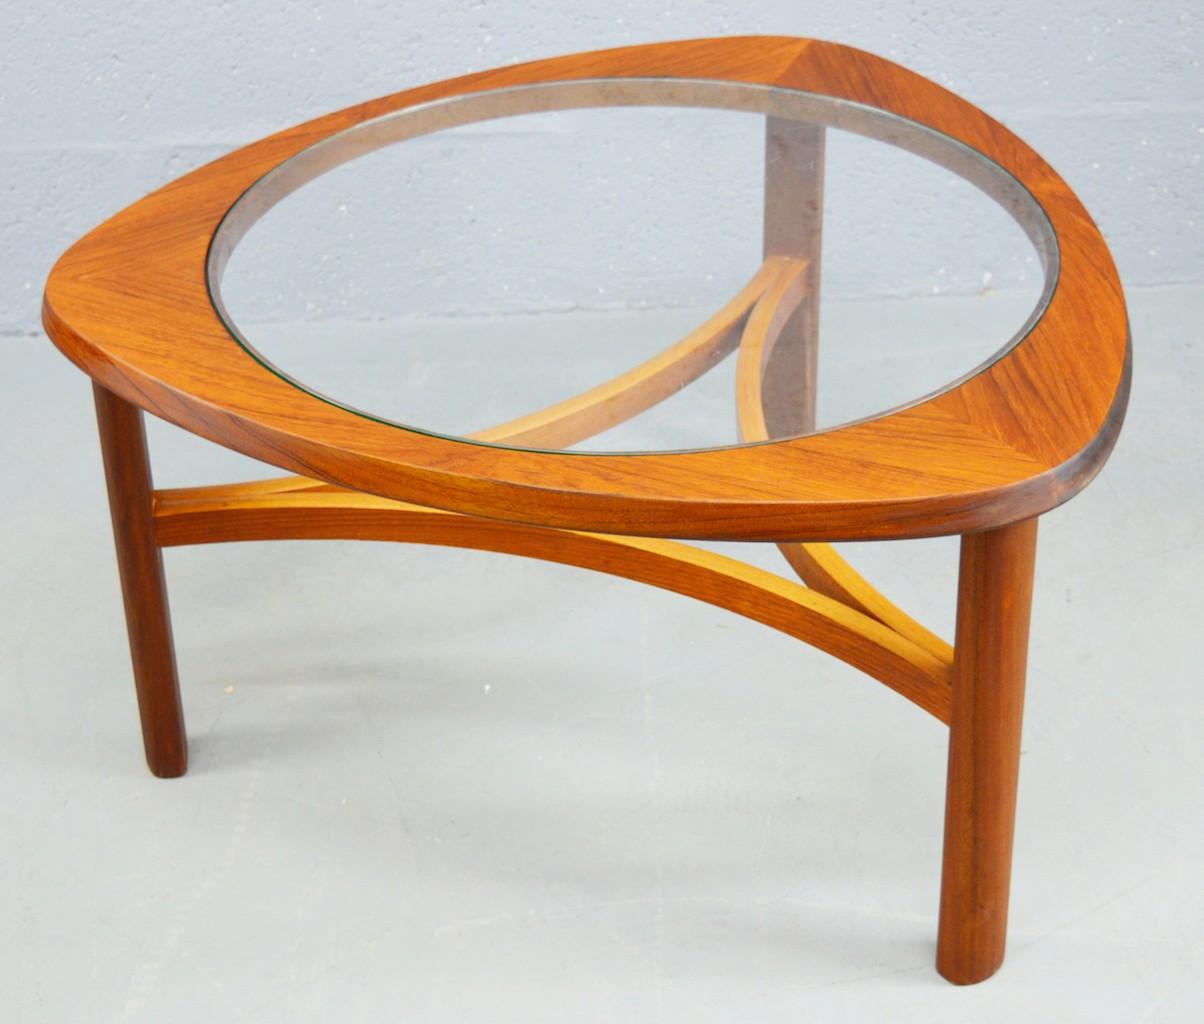 Teak And Glass Coffee Table: Mid-century Teak And Glass Coffee Table By Nathan